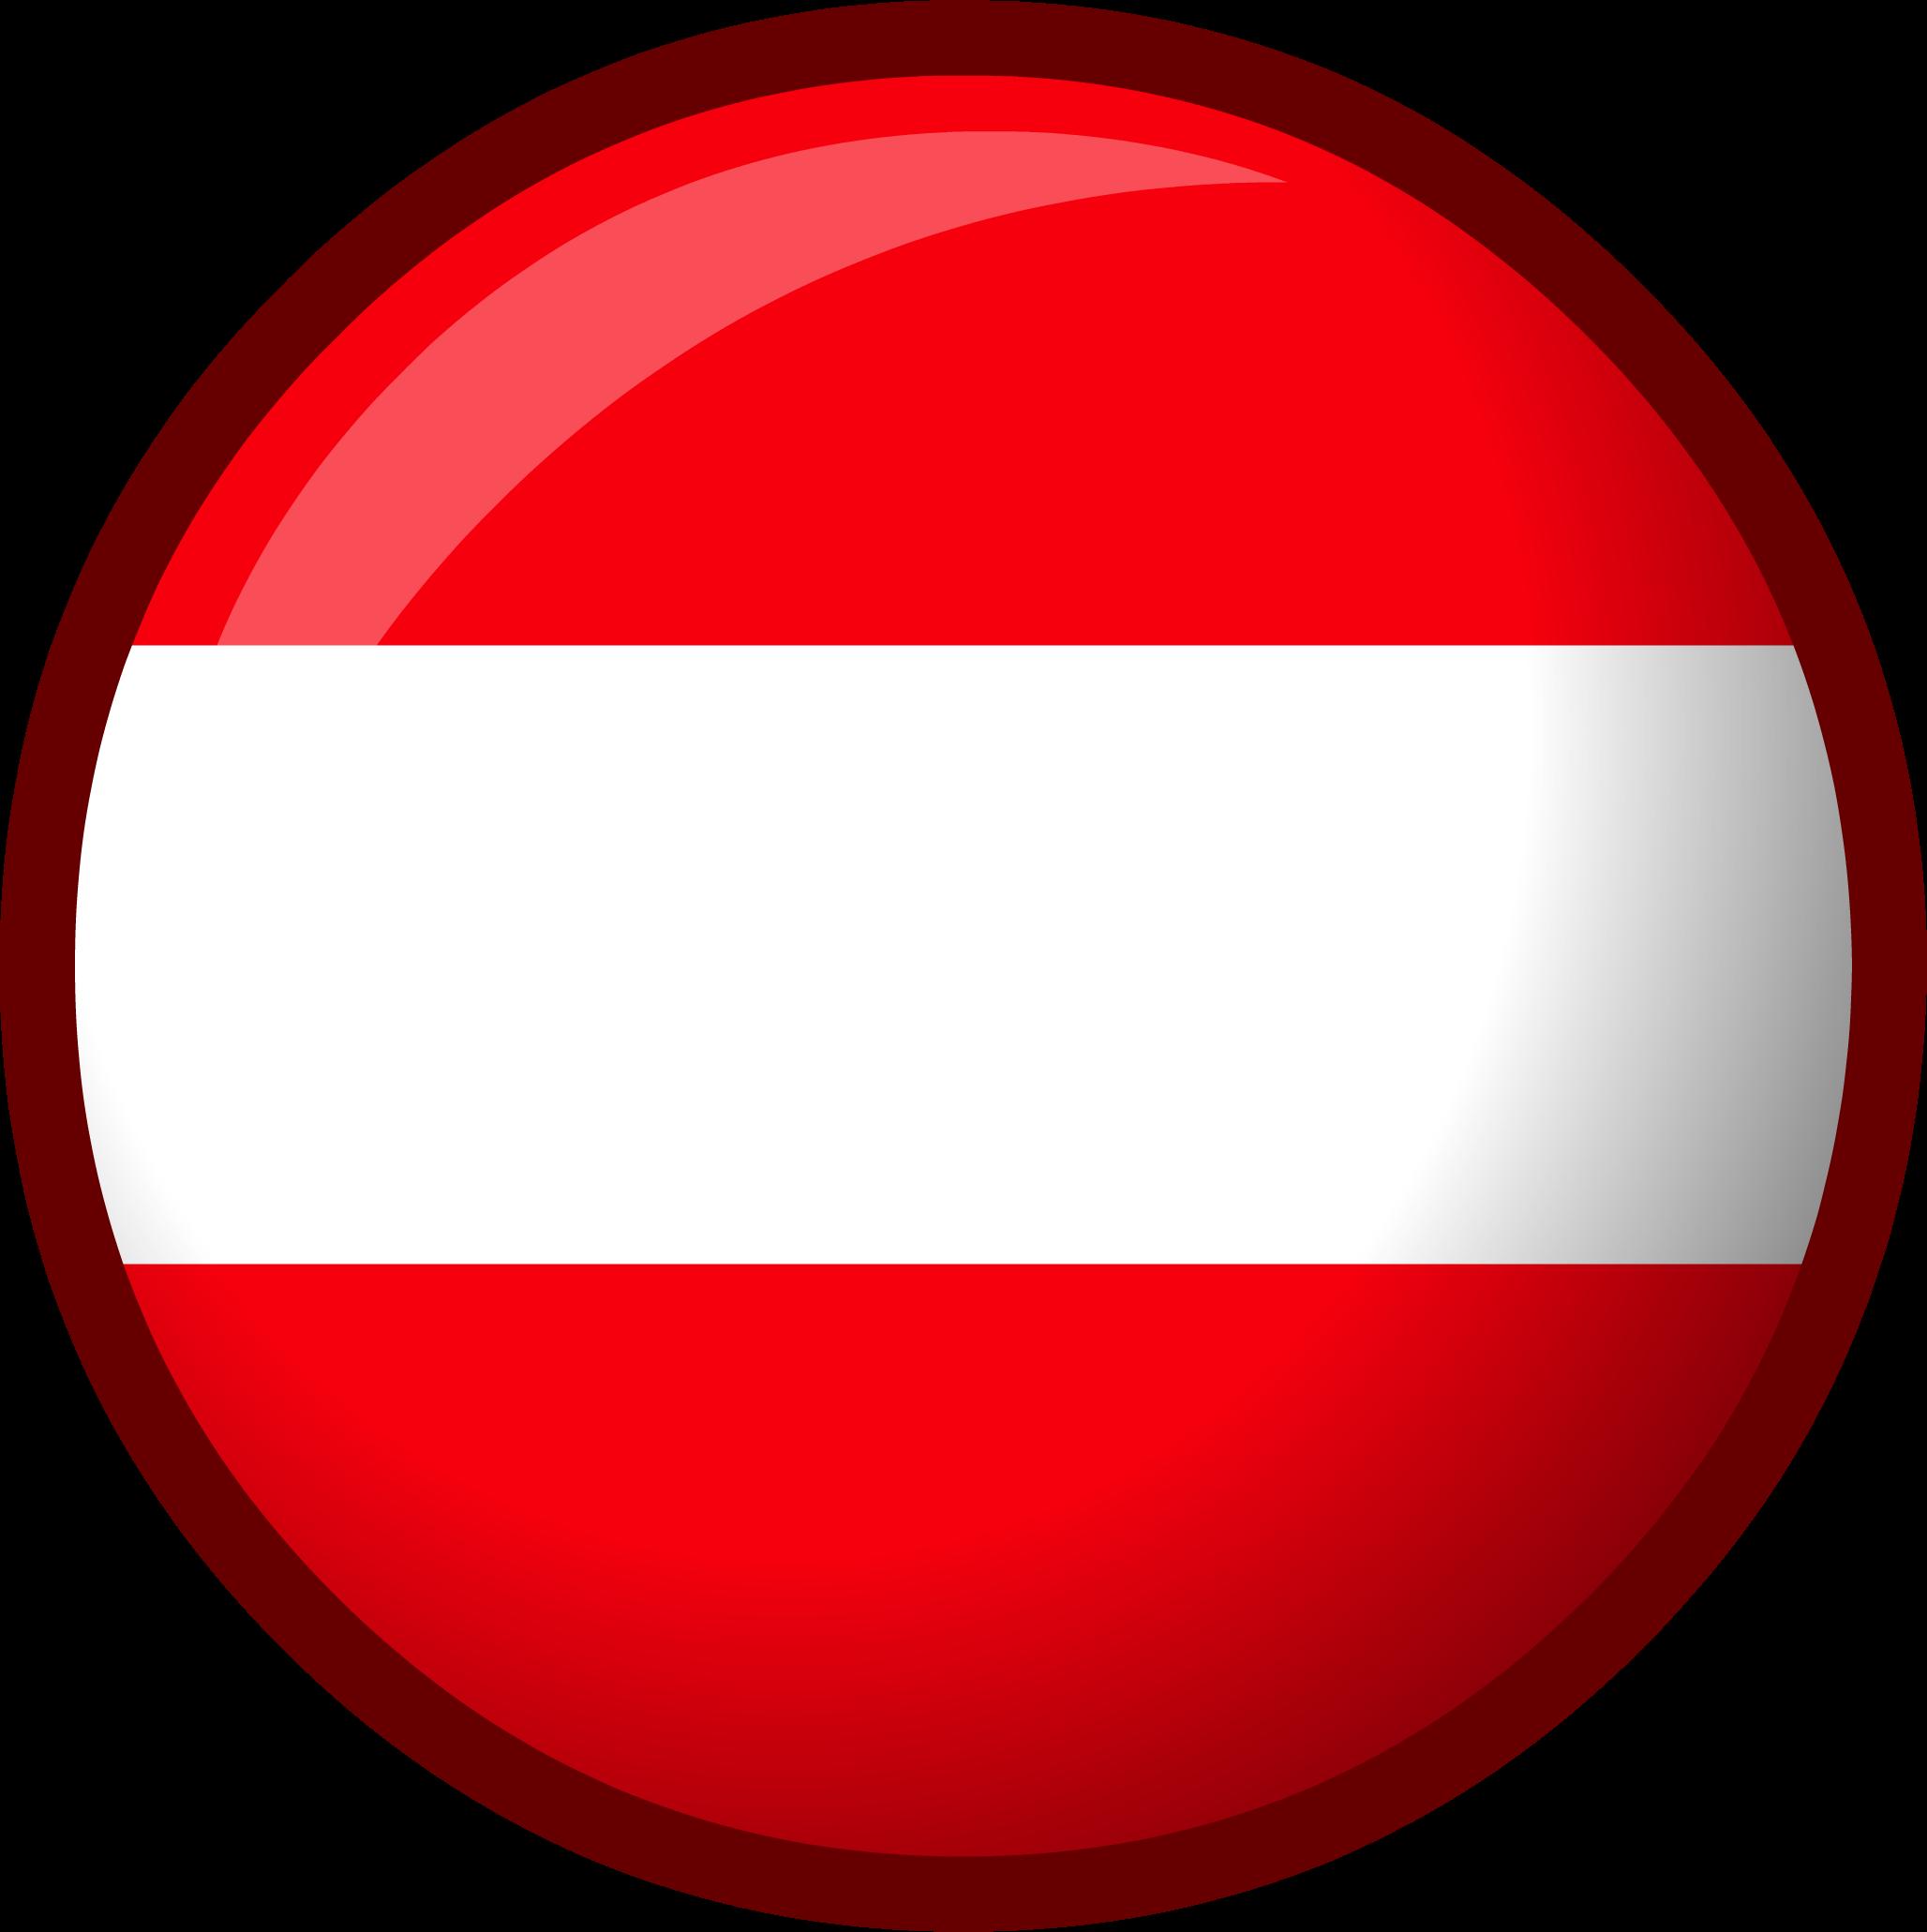 Austria Flag Club Penguin Wiki Fandom Powered By Wikia